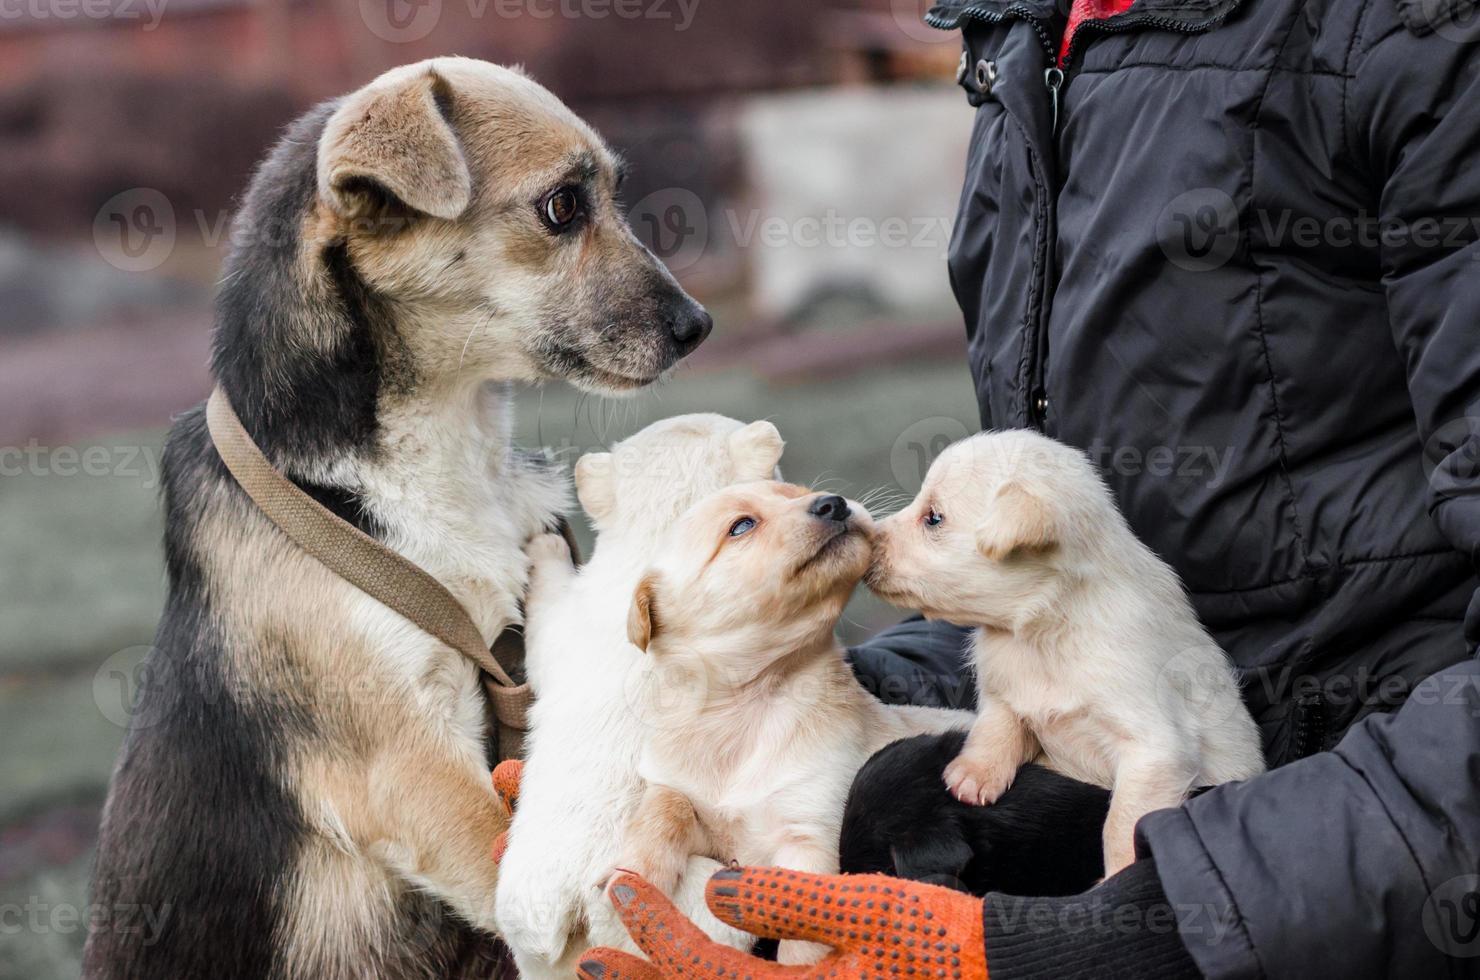 perro adulto y cachorros en manos de un hombre foto